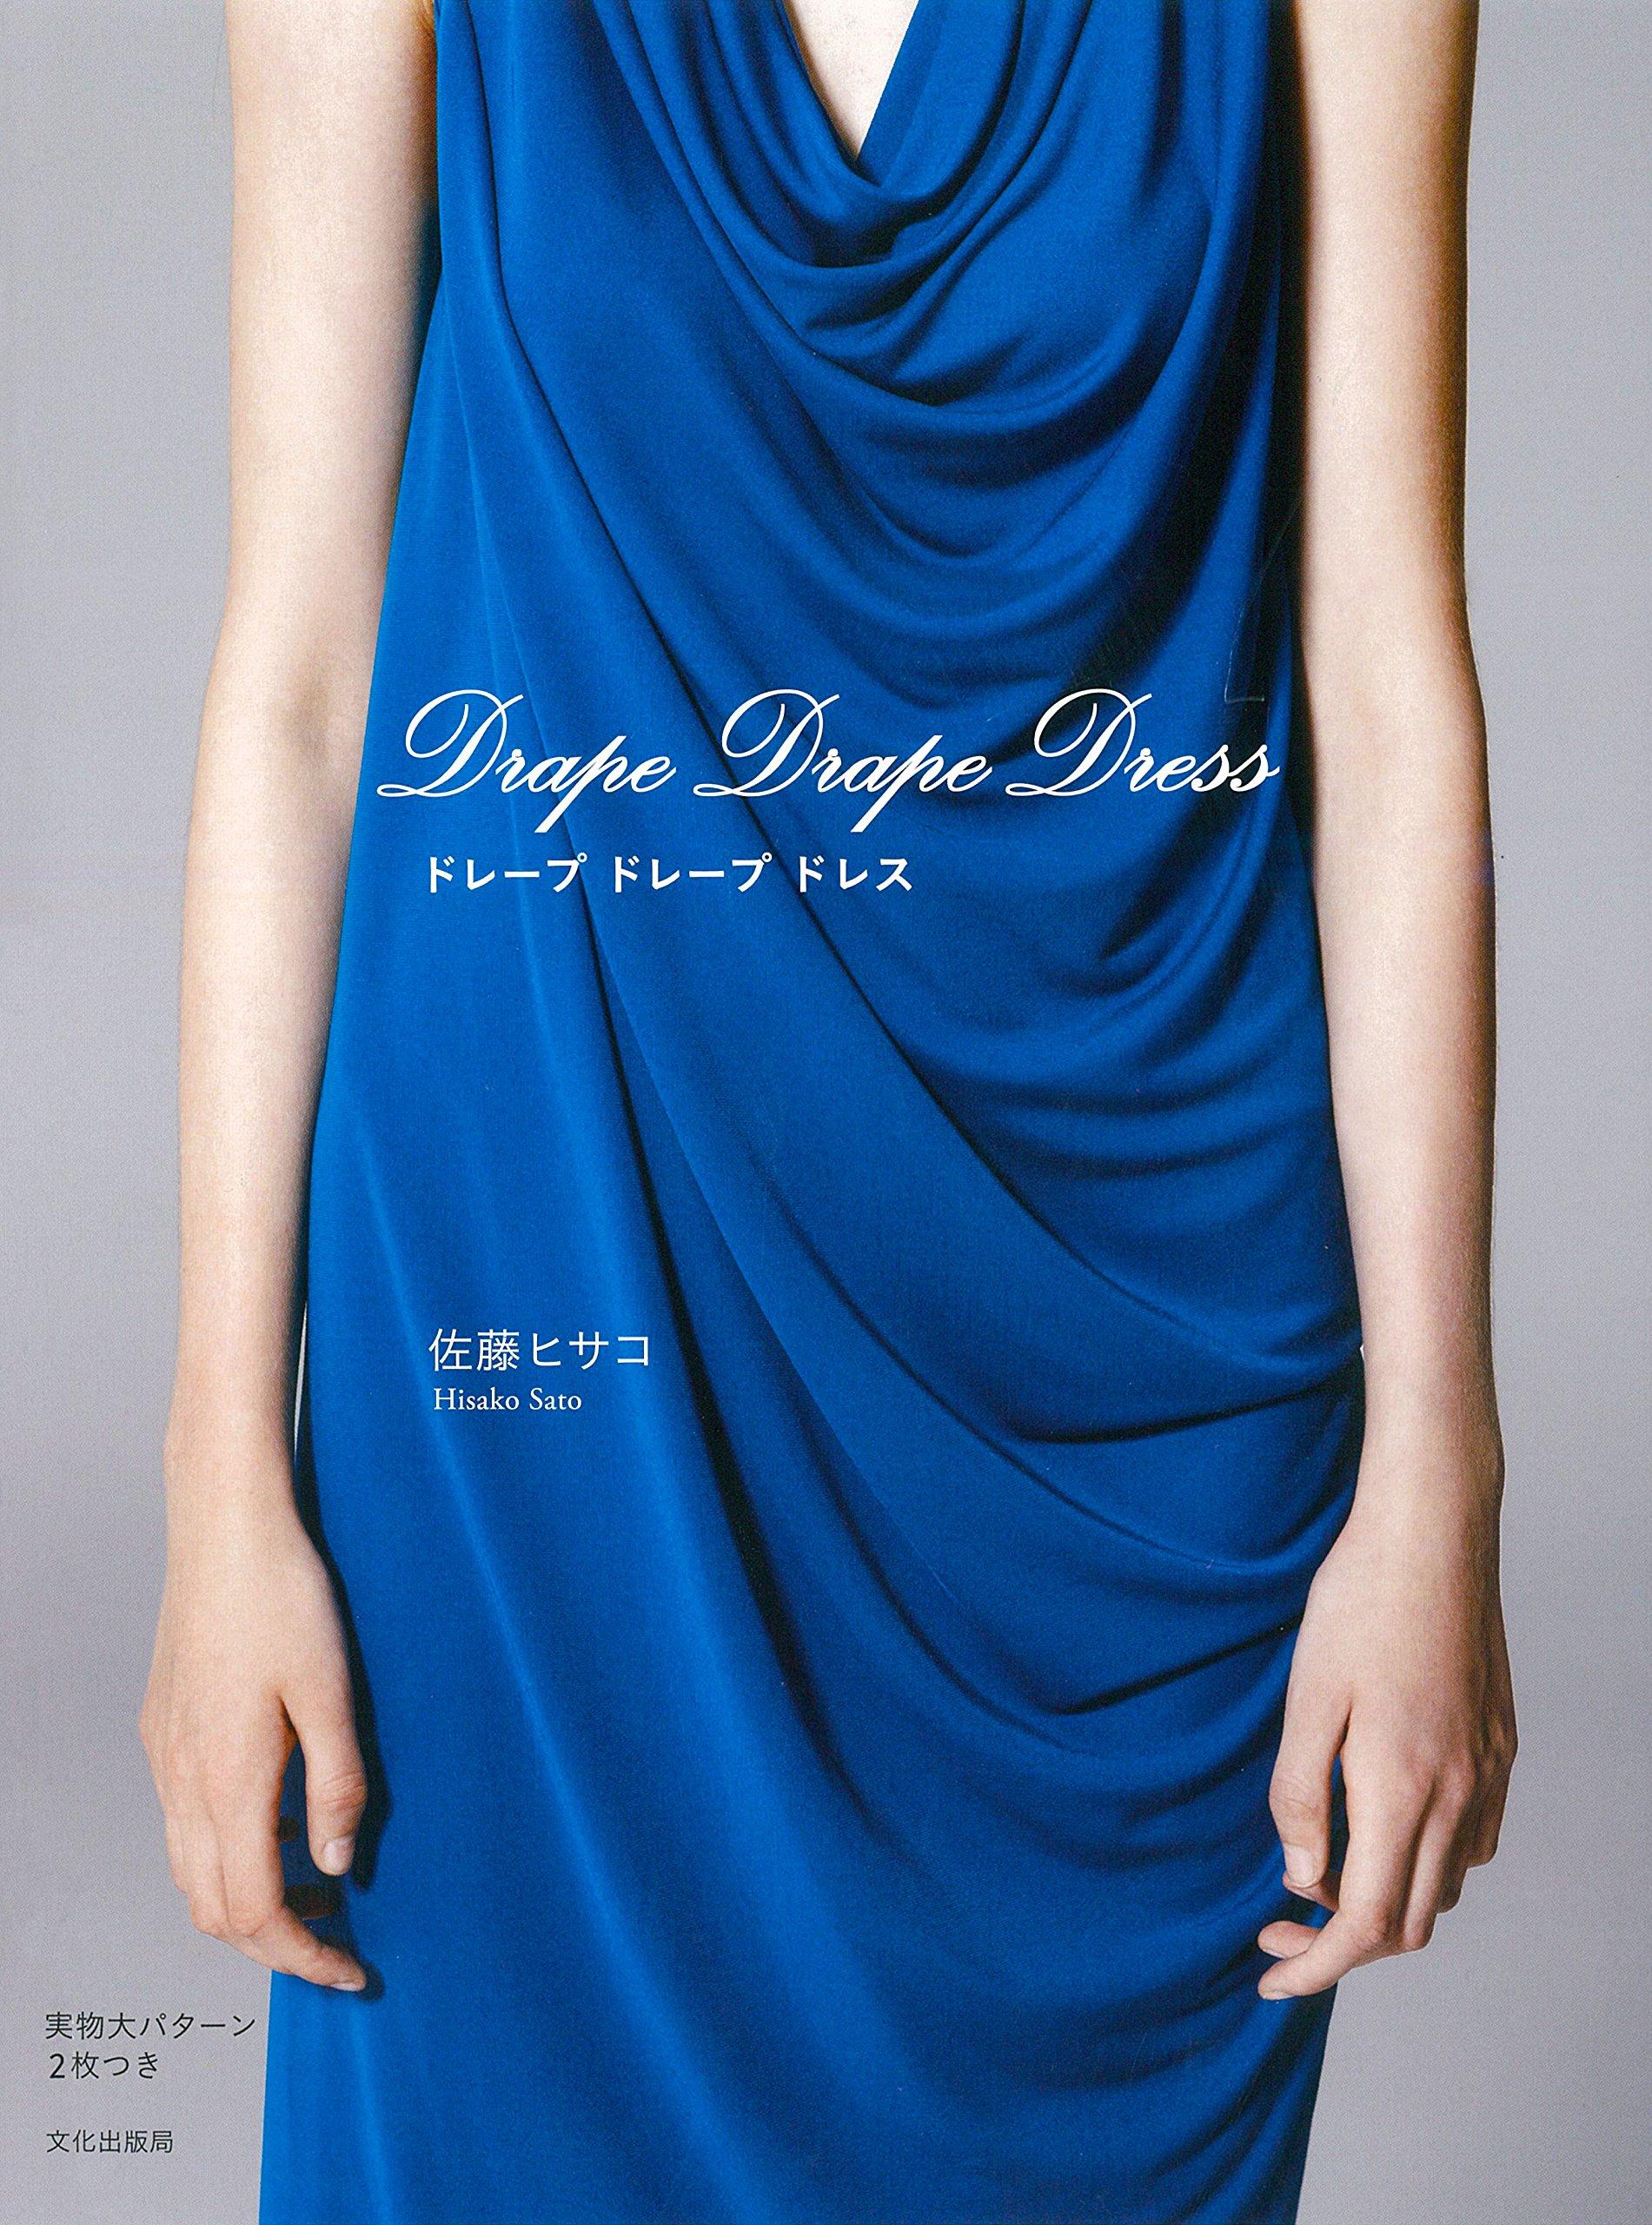 Drape Drape Dress